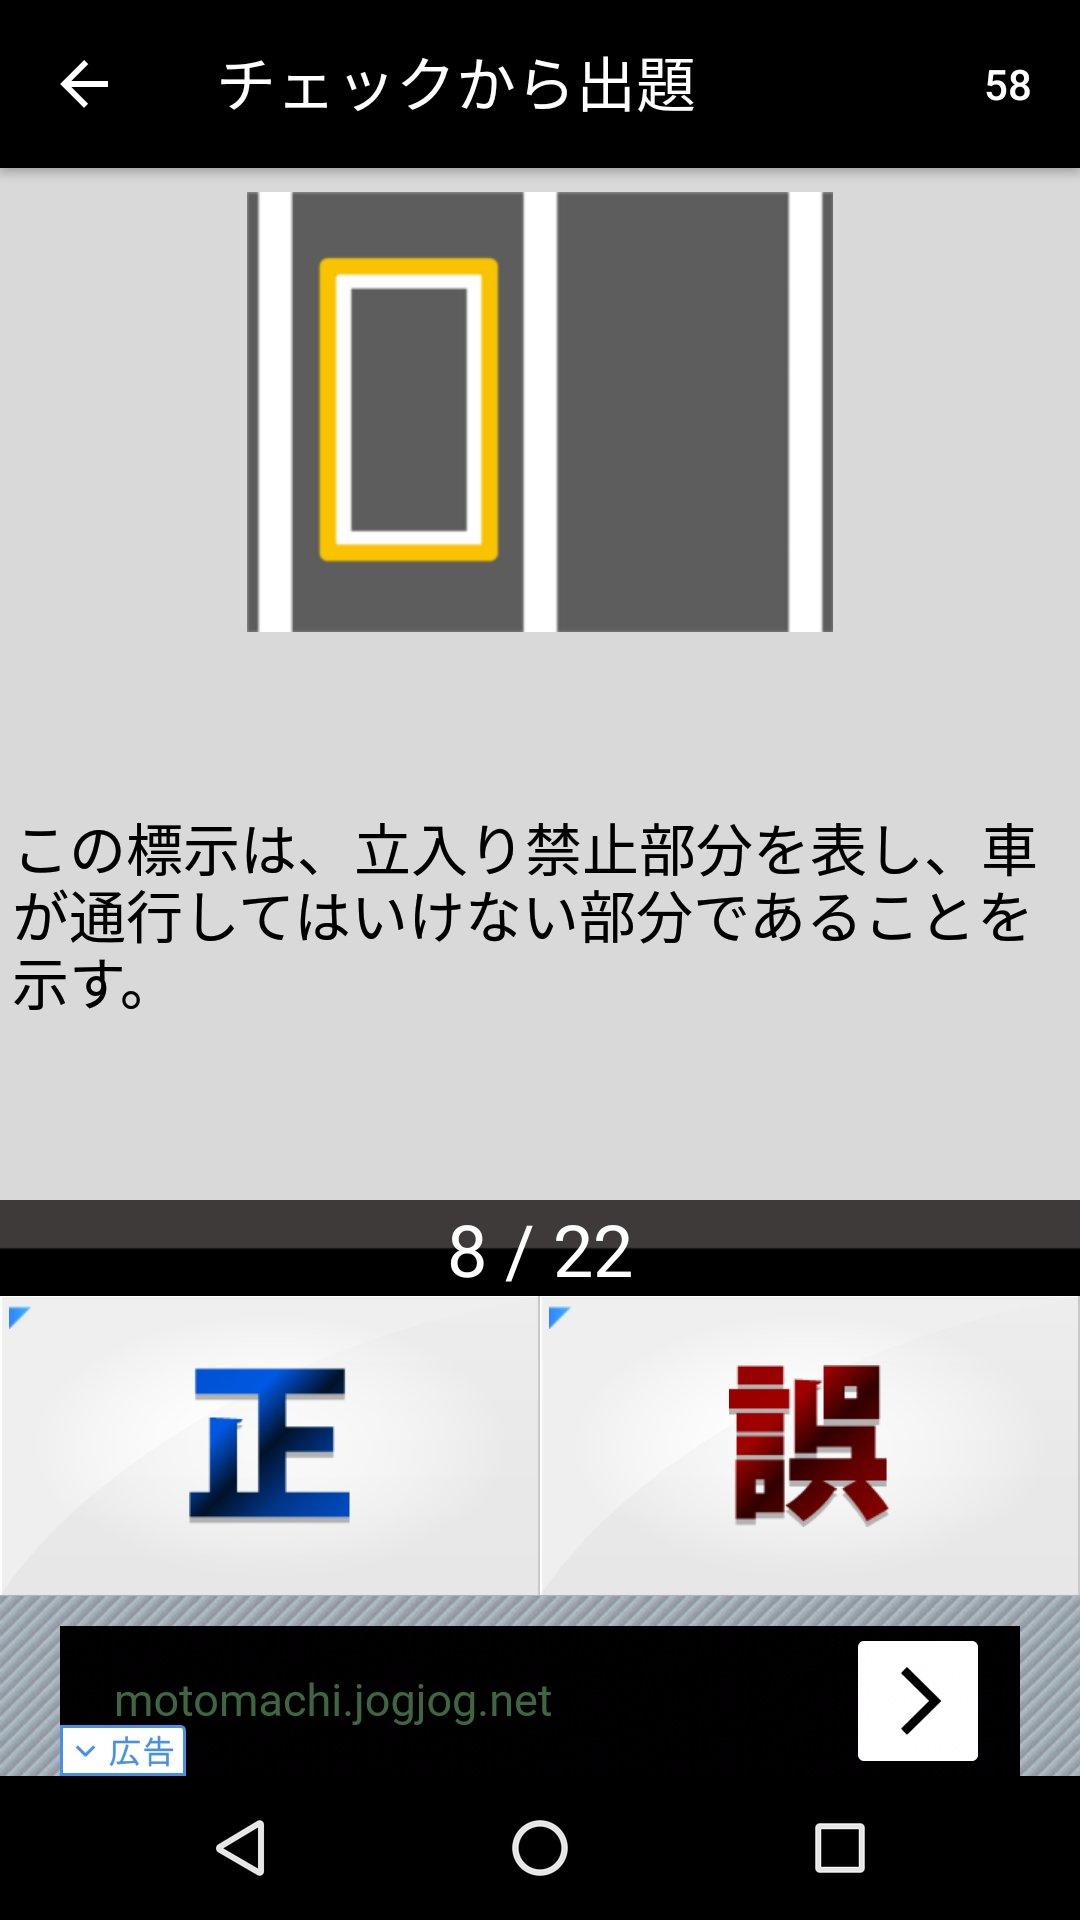 01/23のツイート画像